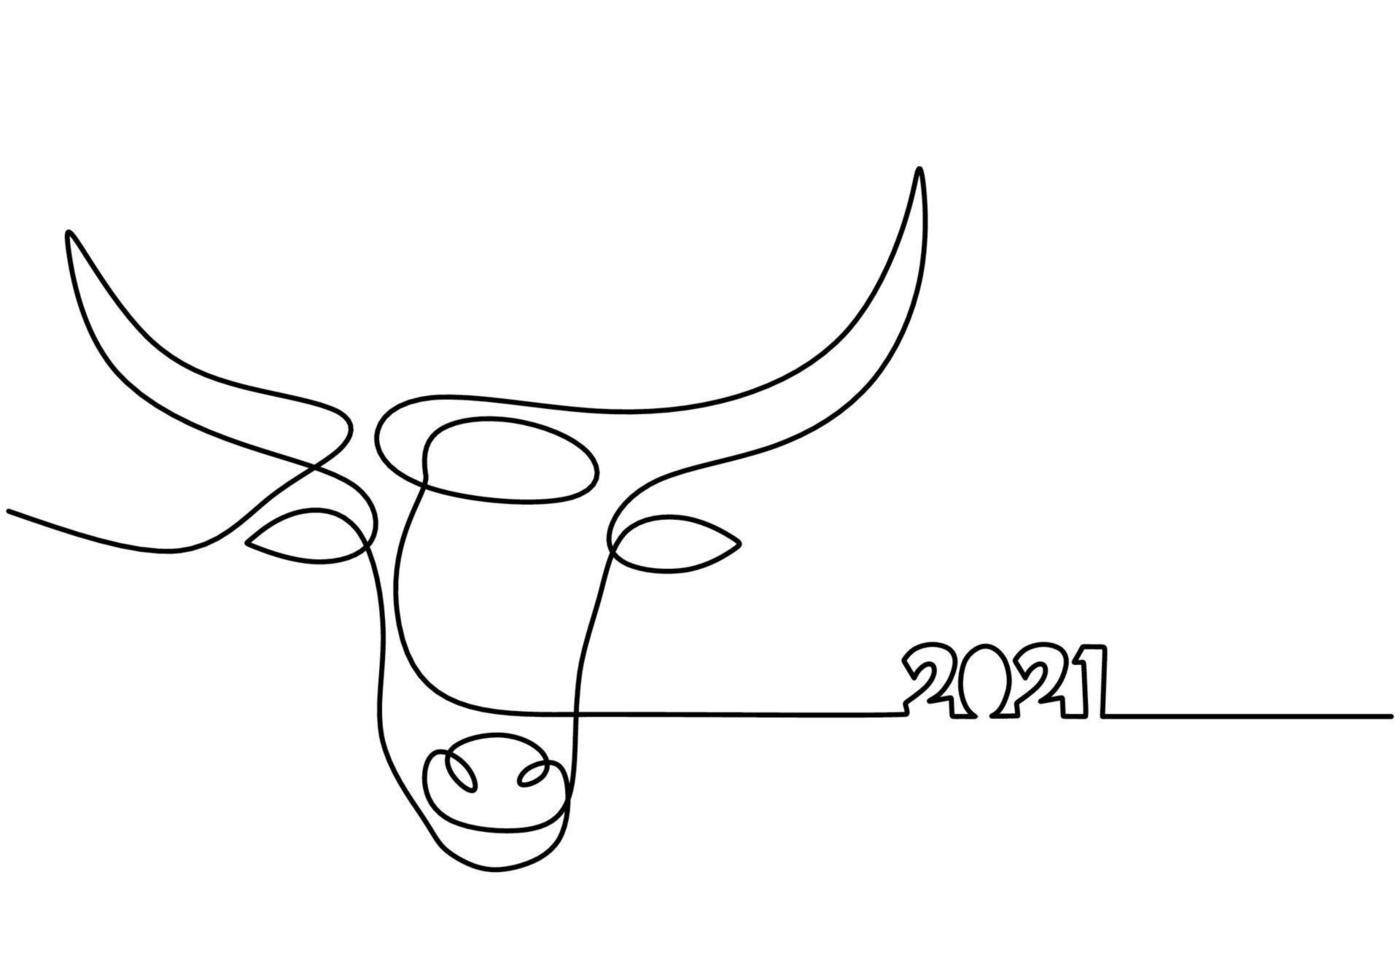 Stier fortlaufend eine Strichzeichnung. Symbol des neuen Jahres 2021. das Konzept der Stärke, des Vertrauens und der Zuverlässigkeit isoliert auf weißem Hintergrund. glückliches Ochsenjahr einfaches Minimalismusdesign vektor